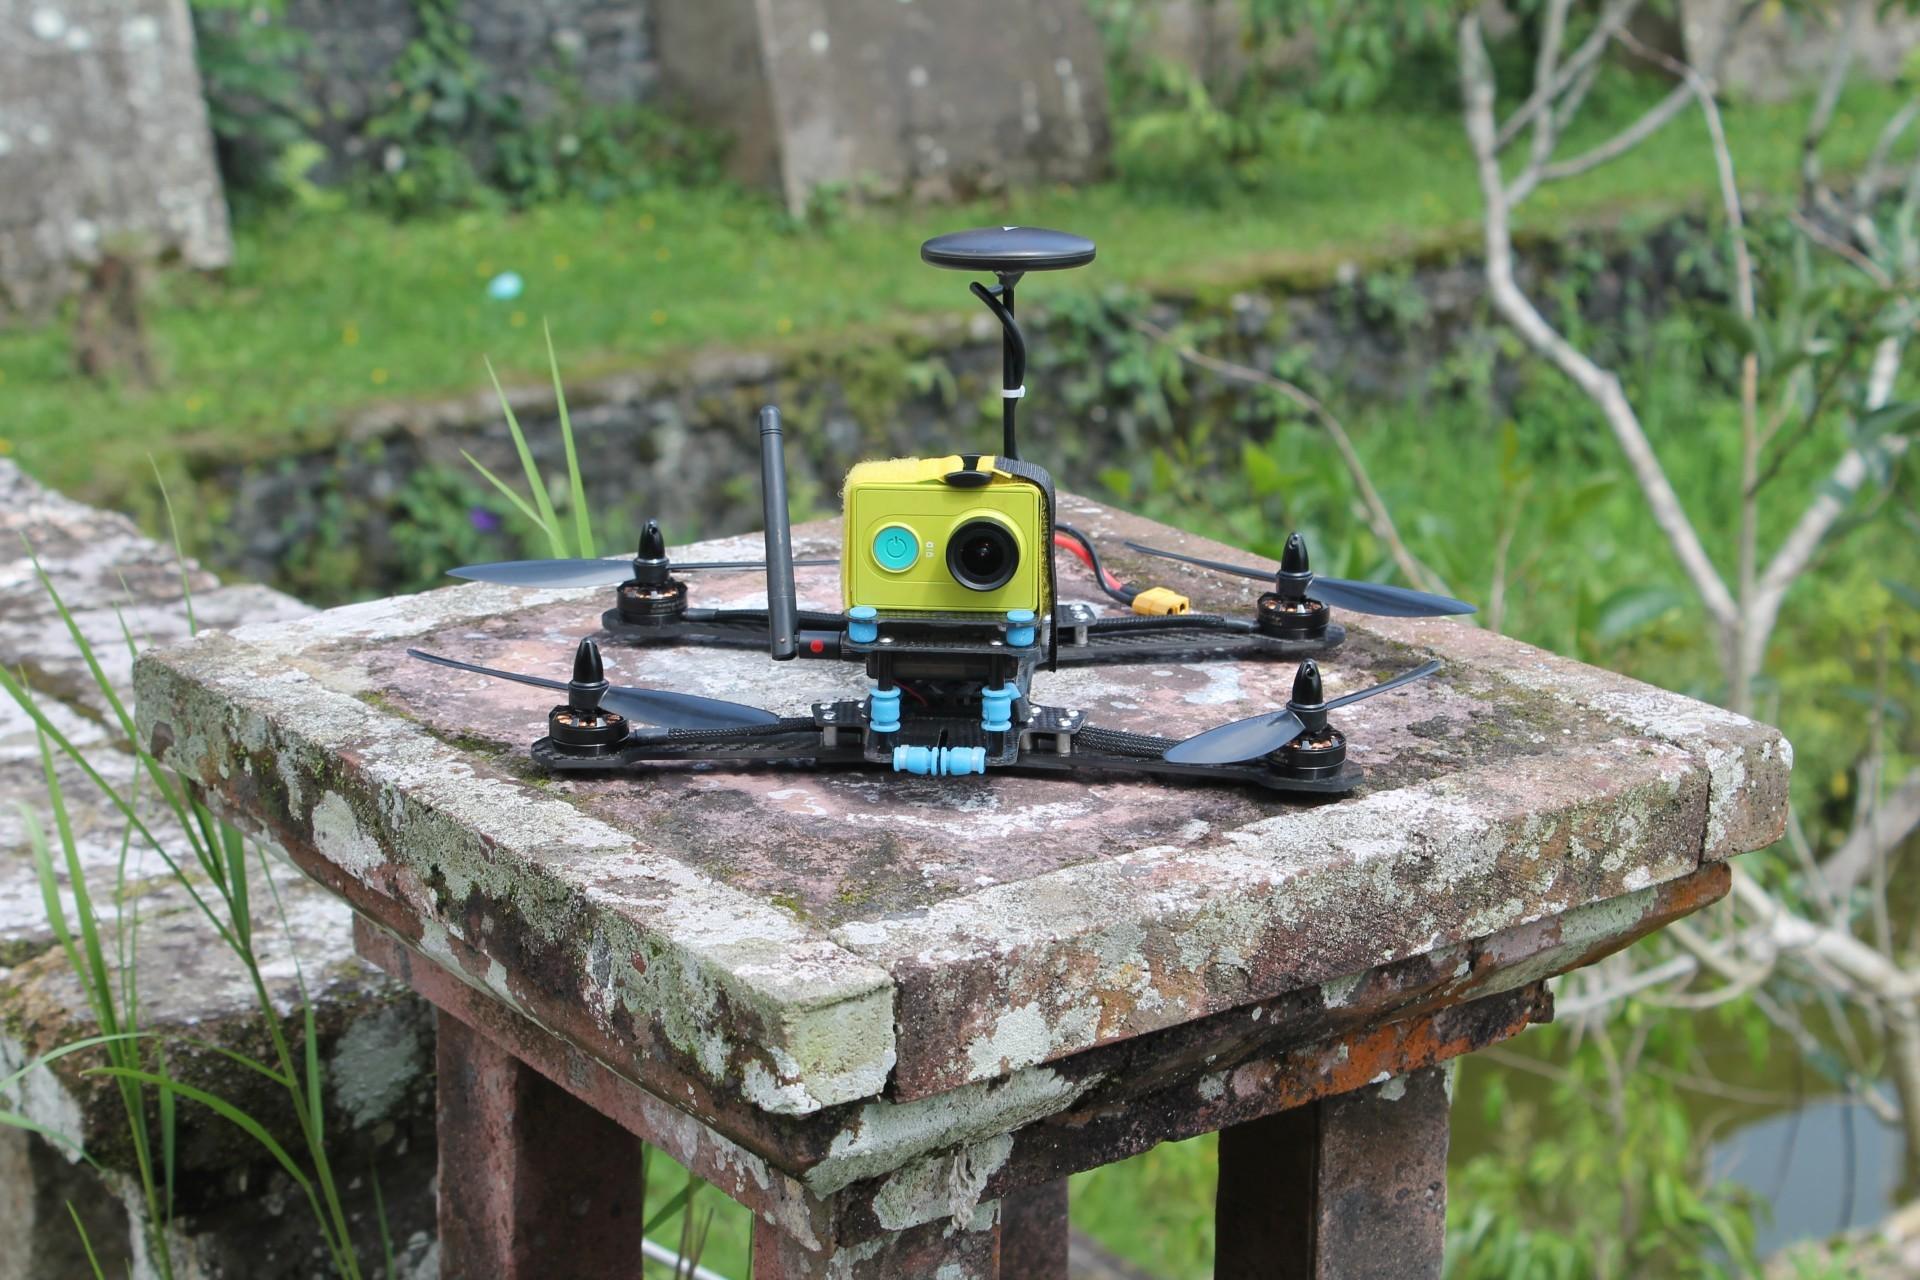 Автономный квадрокоптер 280мм для съемки с воздуха - 1